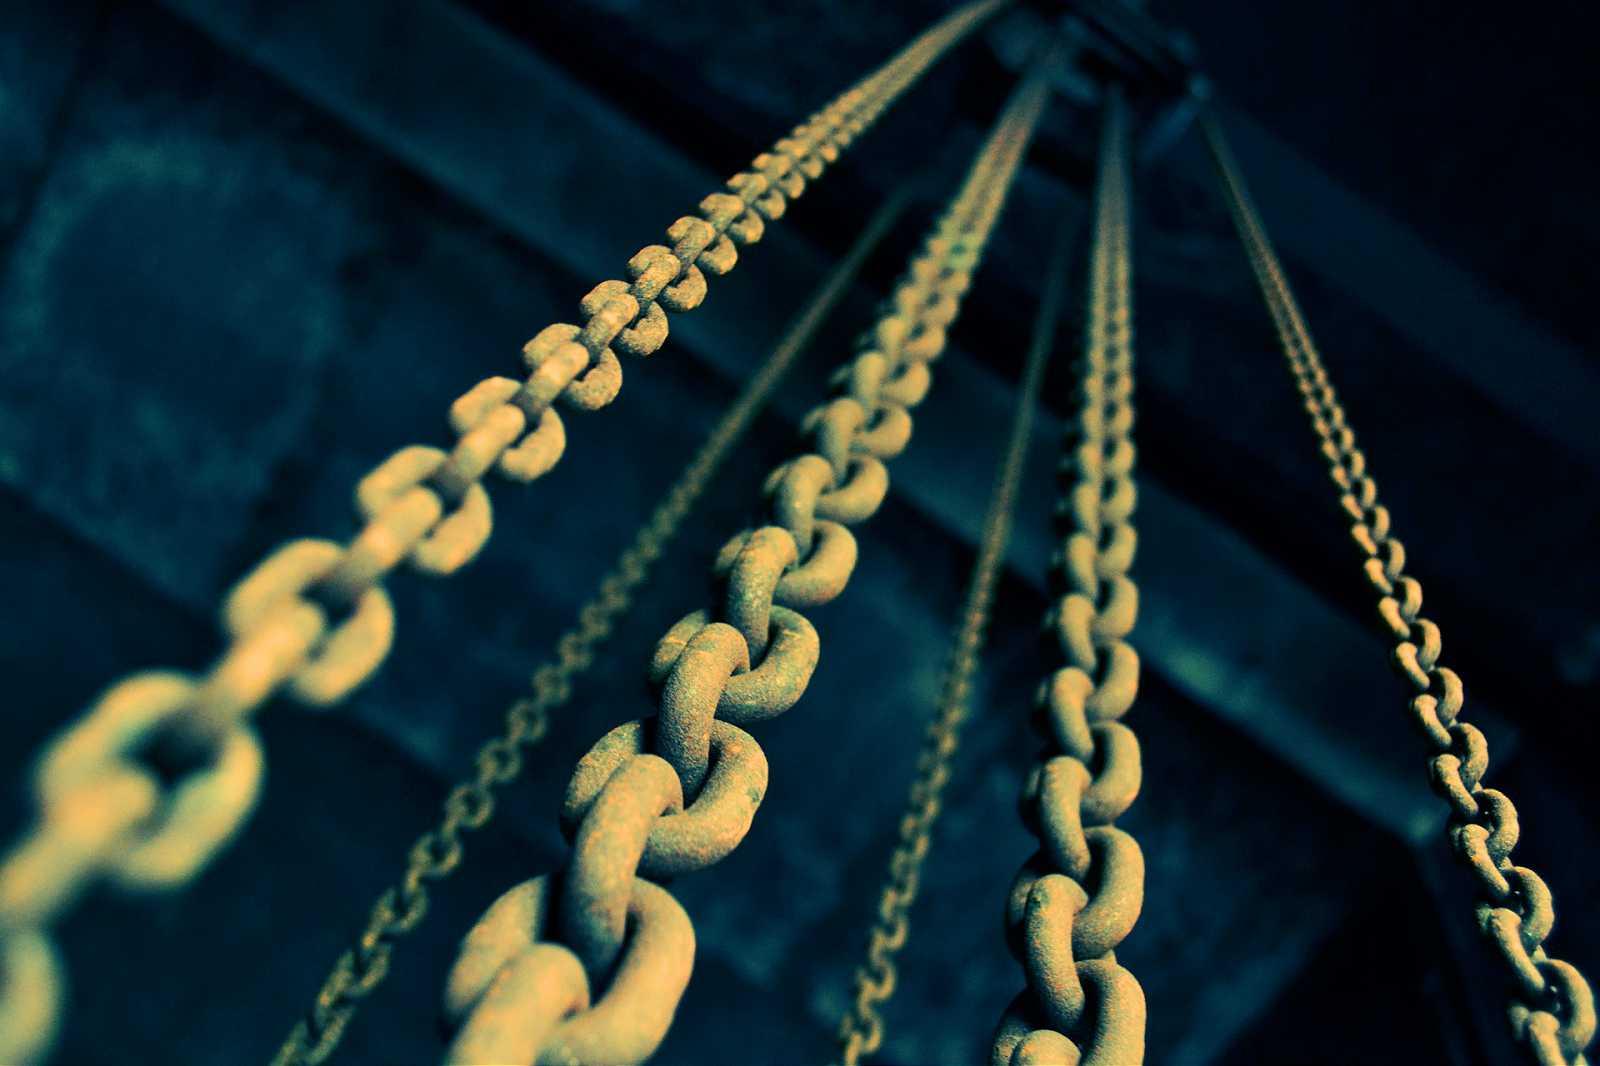 chains 919058 1920 1600